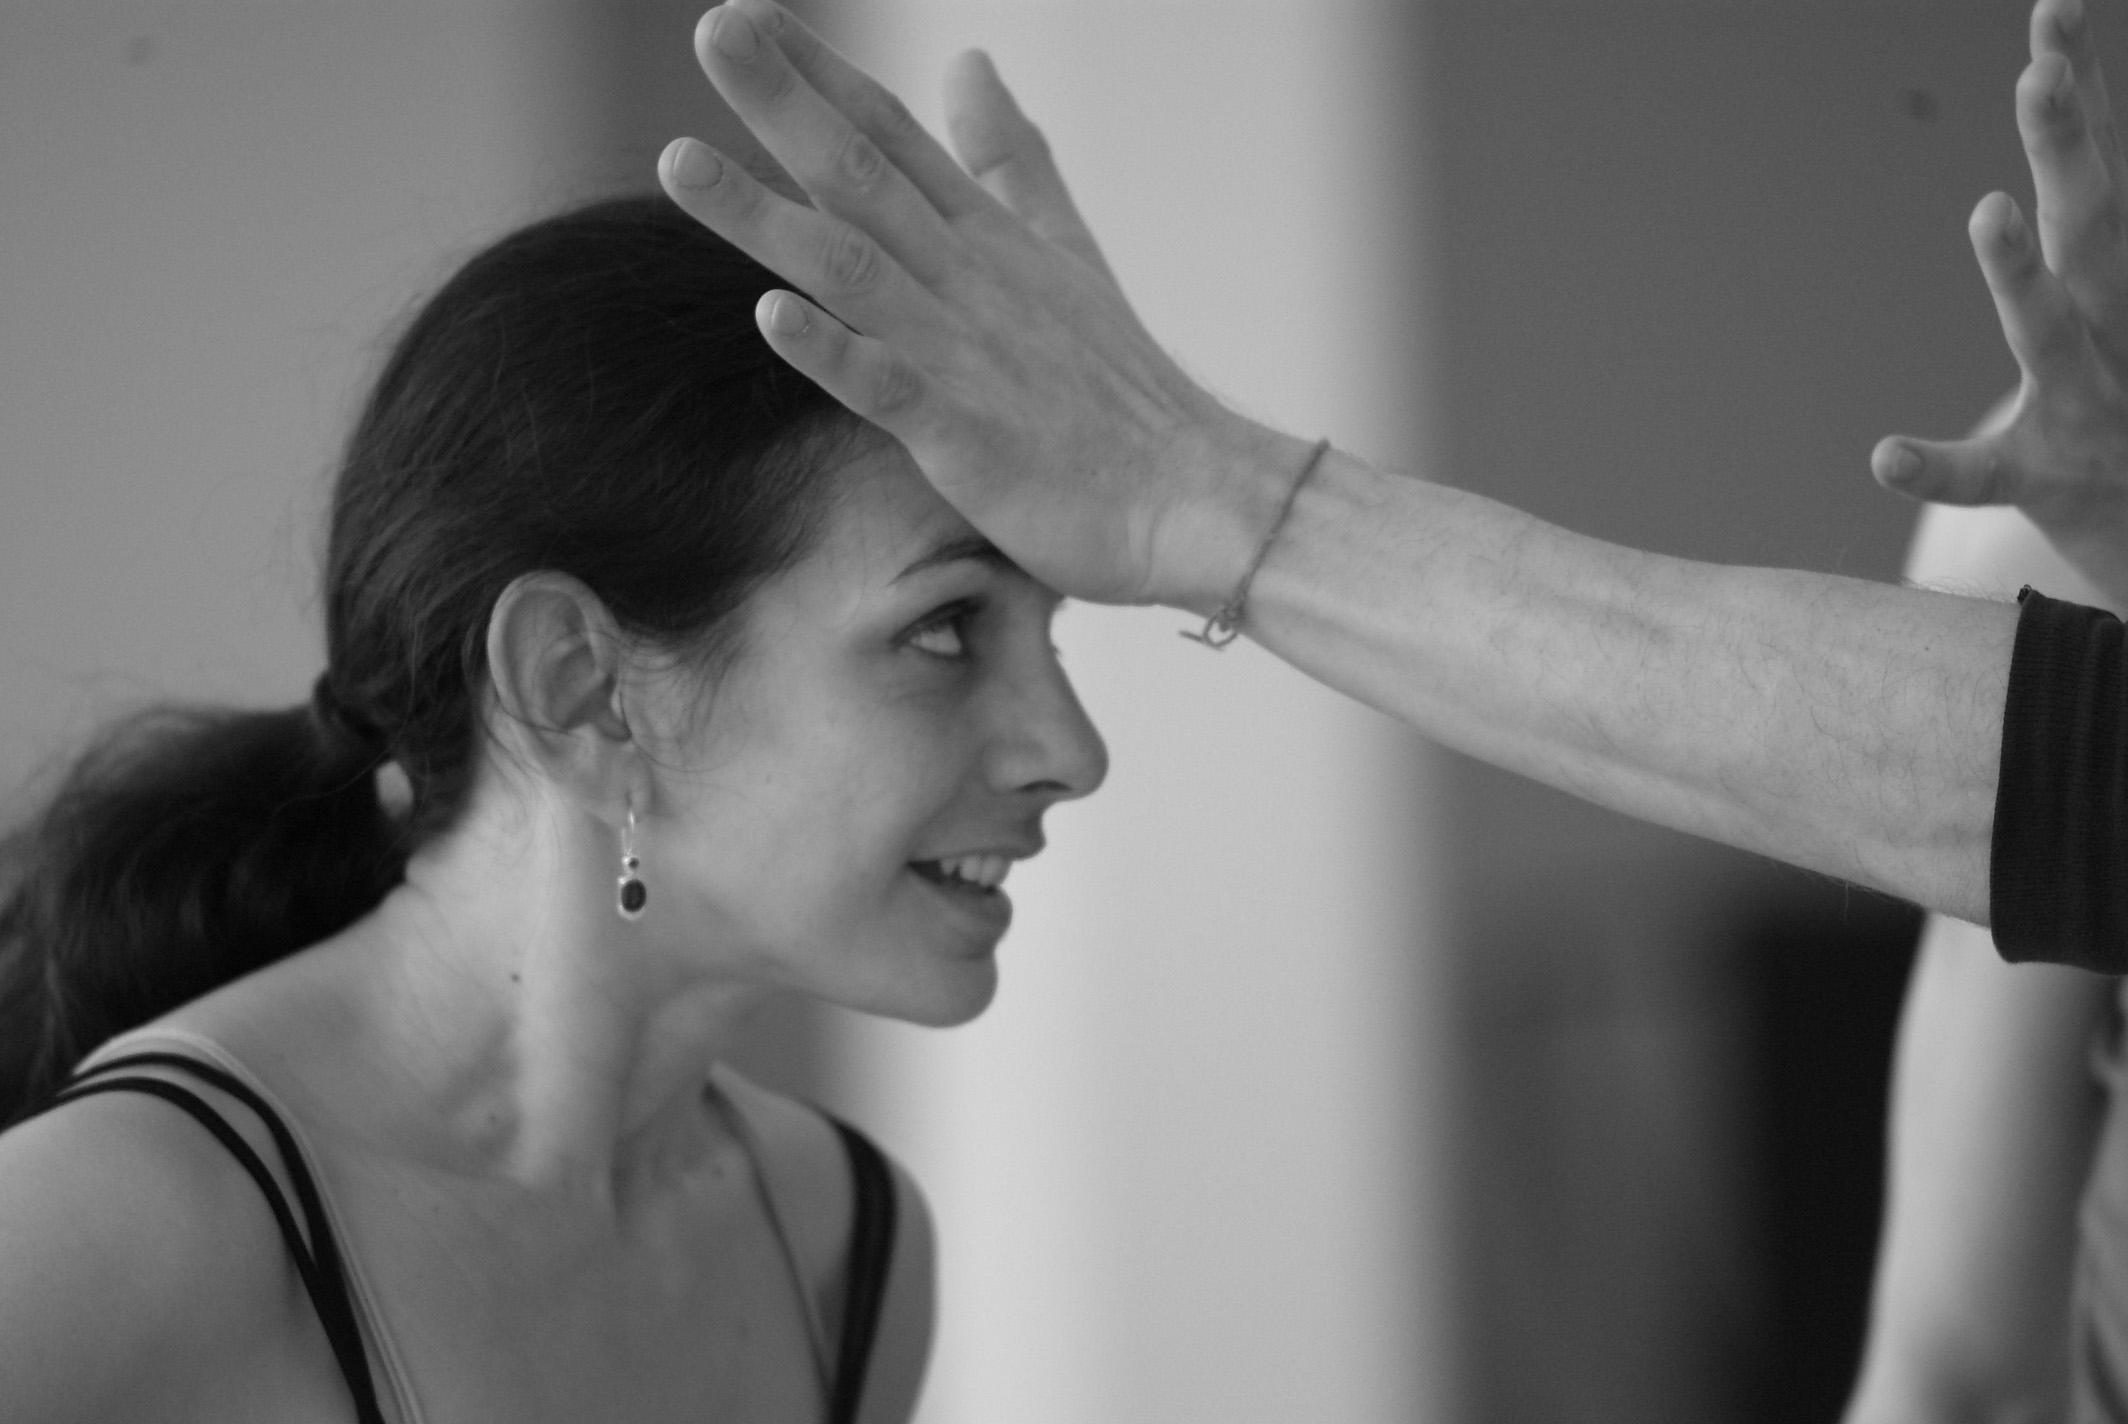 EN REPETITION - Yvette Regueiro & Wout Geers - © tristan pfund (4).jpg